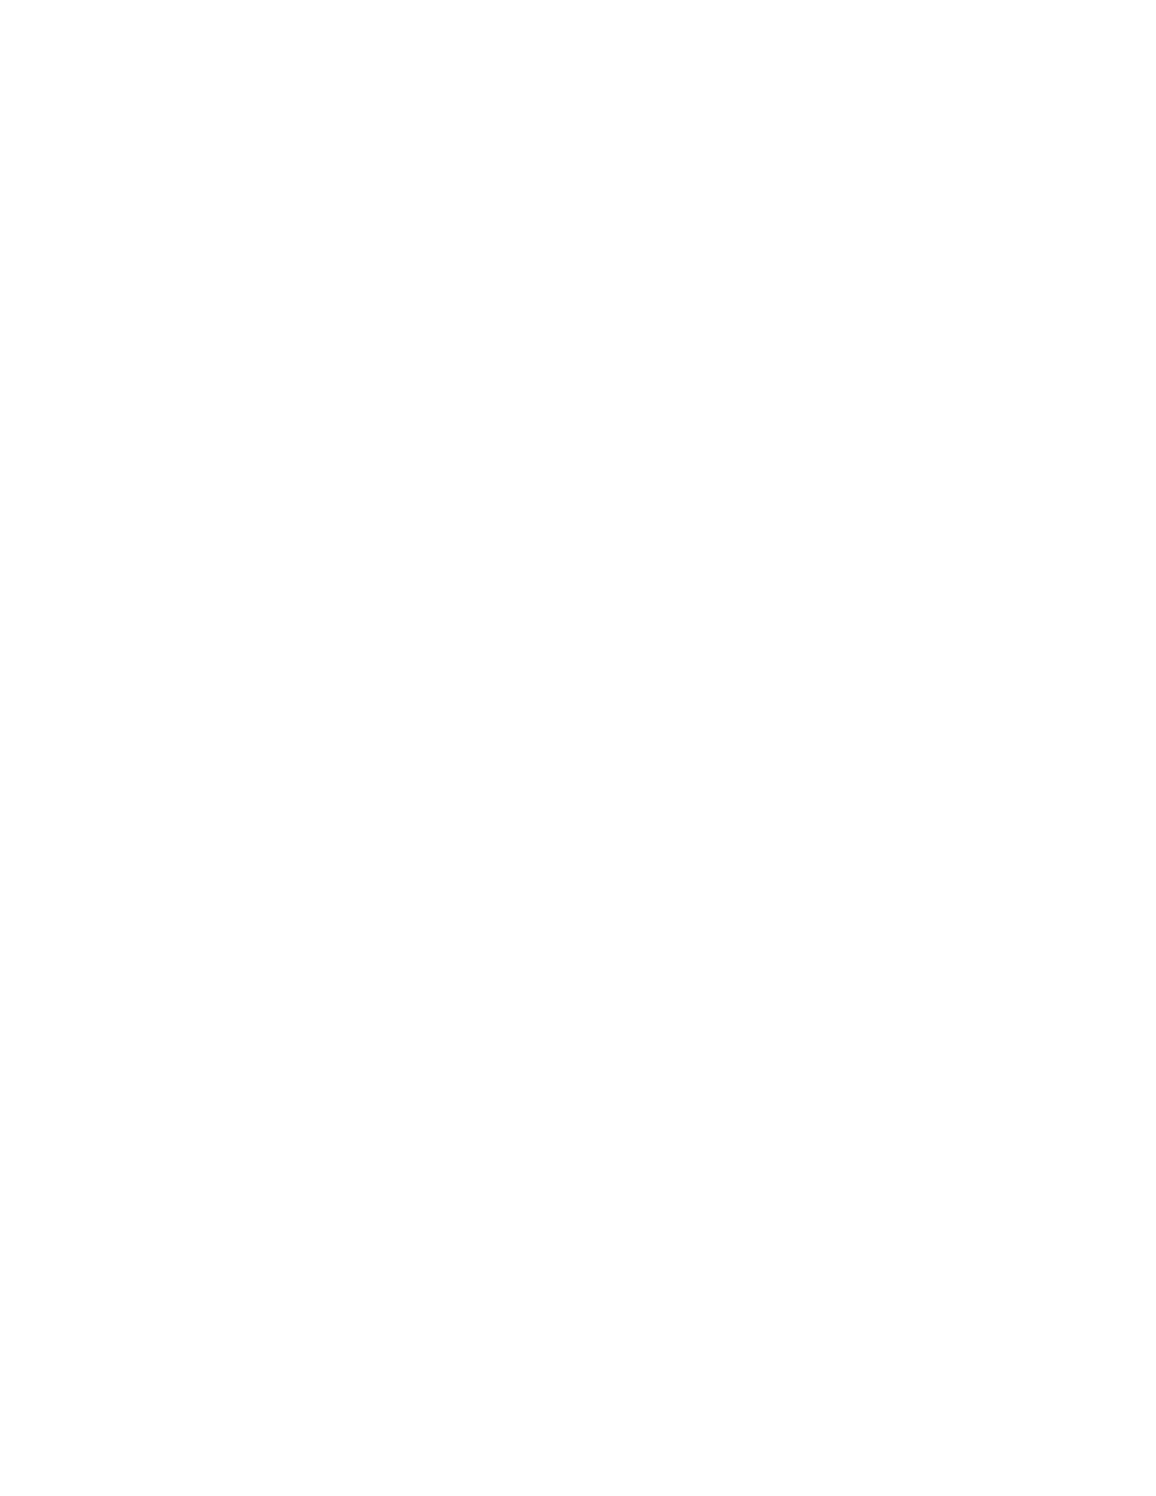 На Черном Стуле С Расставленными Ногами, Фими Проникала В Вагинку Пластиковым Вибратором Смотреть